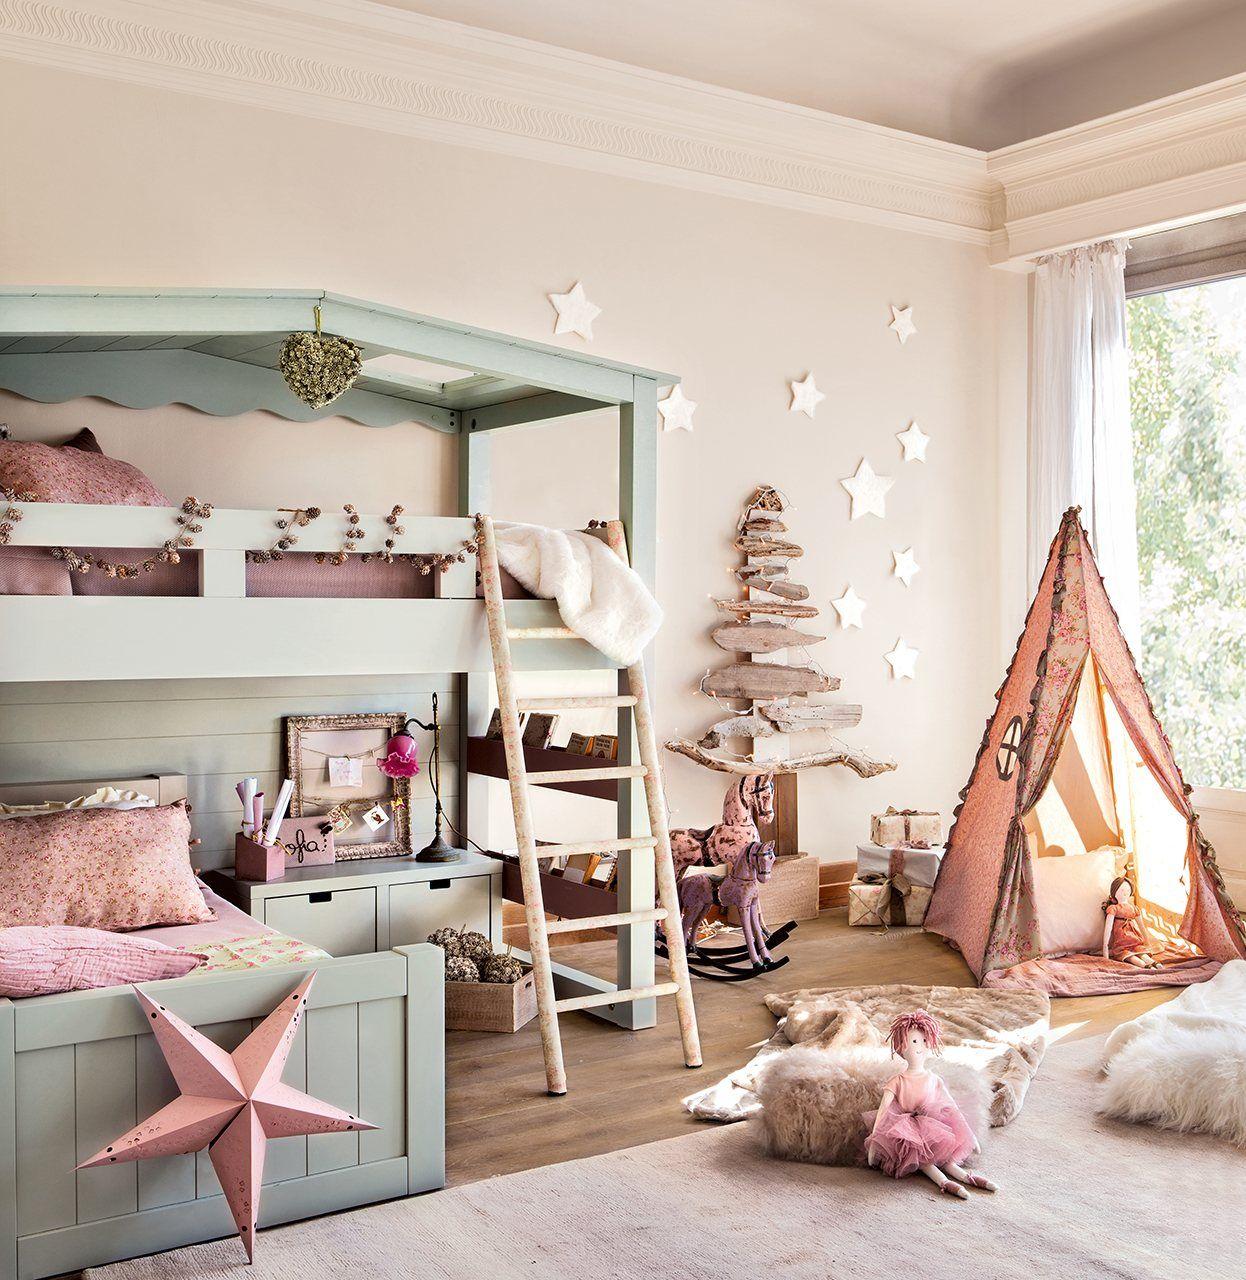 Habitaci N De Ni A Con Decoraci N Navide A Gabonak Pinterest  ~ Decoracion De Habitacion De Niña